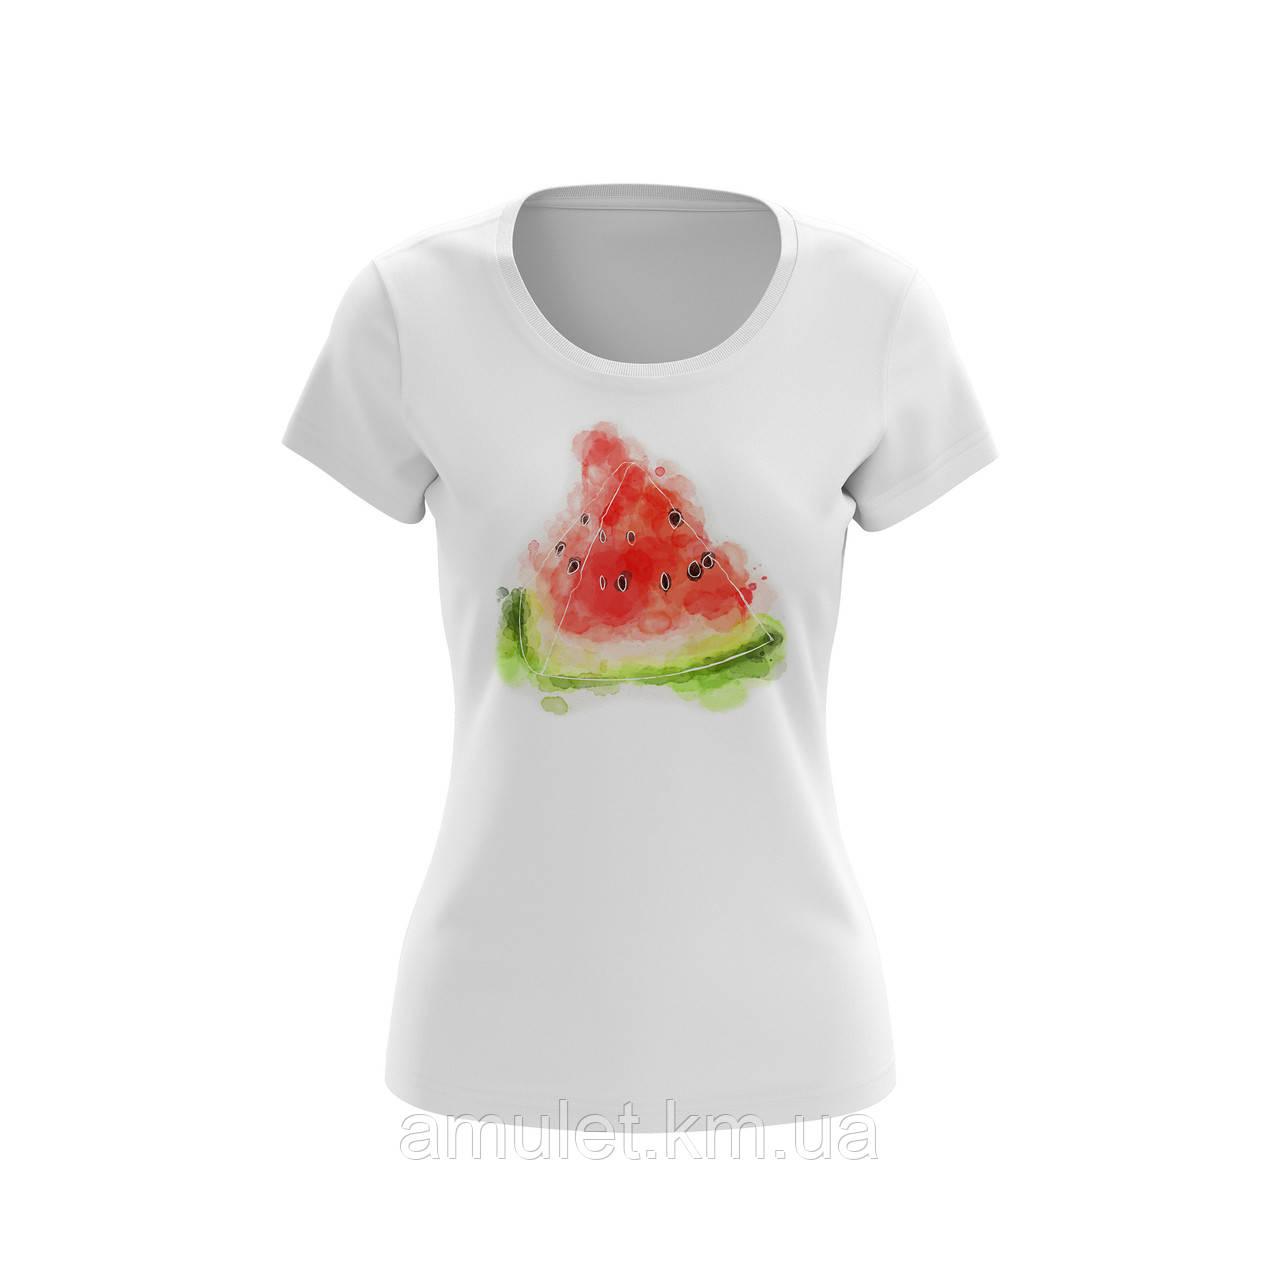 """Жіноча футболка однотонна-біла з принтом """"Кавун"""" бавовняна"""